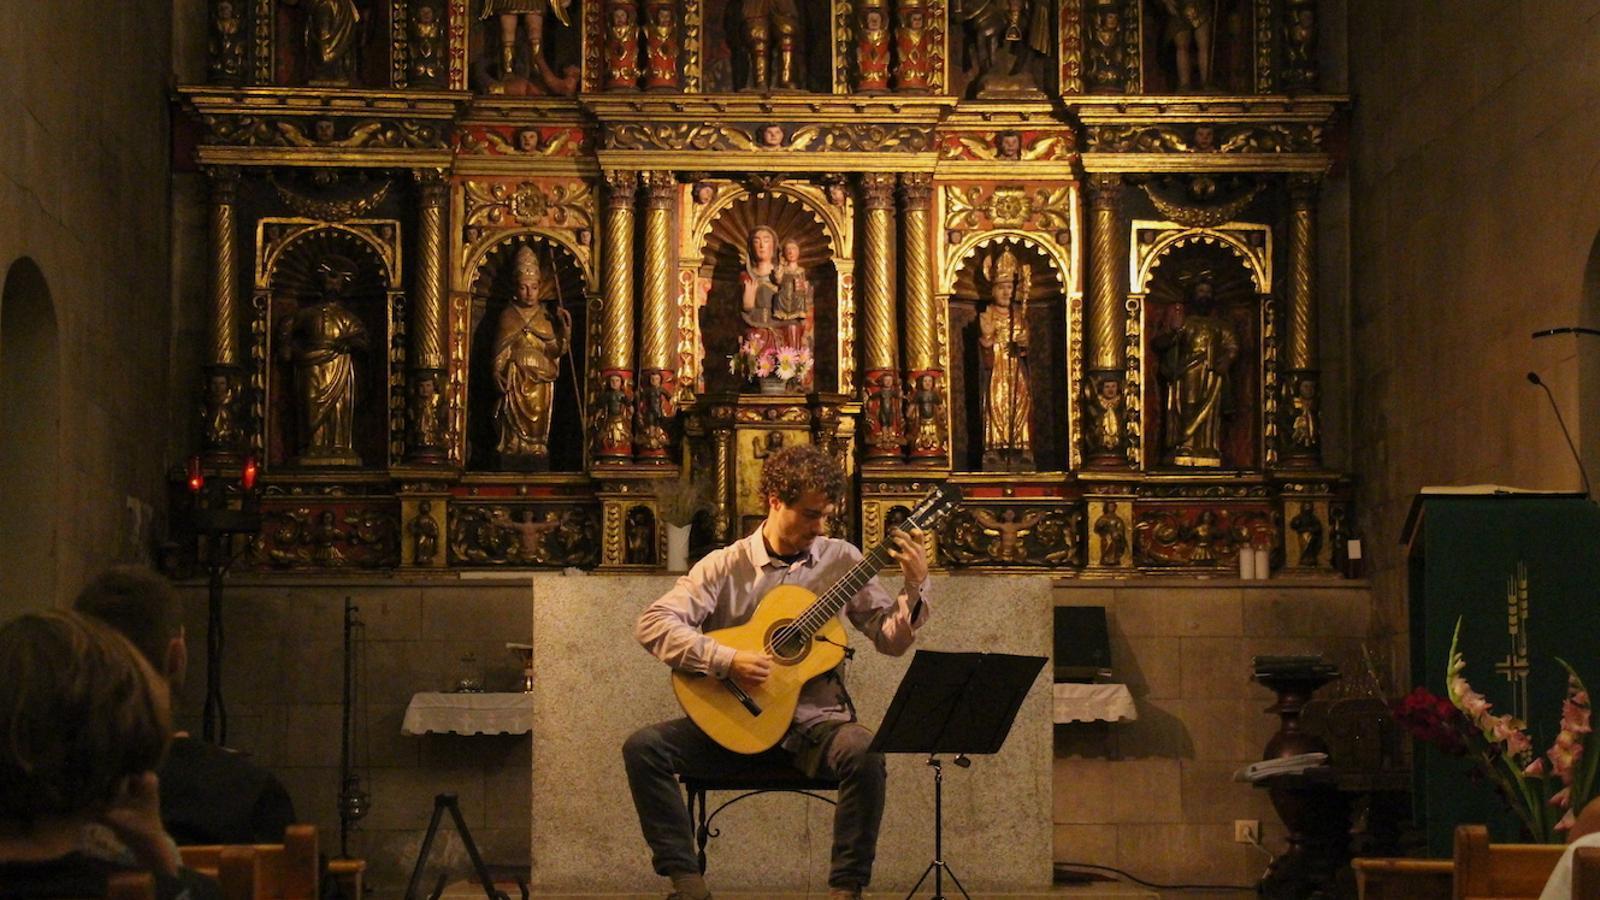 Un moment del concert que David Font ha ofert aquest dimecres a la nit a l'església de Sant Corneli i Sant Cebrià d'Ordino. / C.G. (ANA)